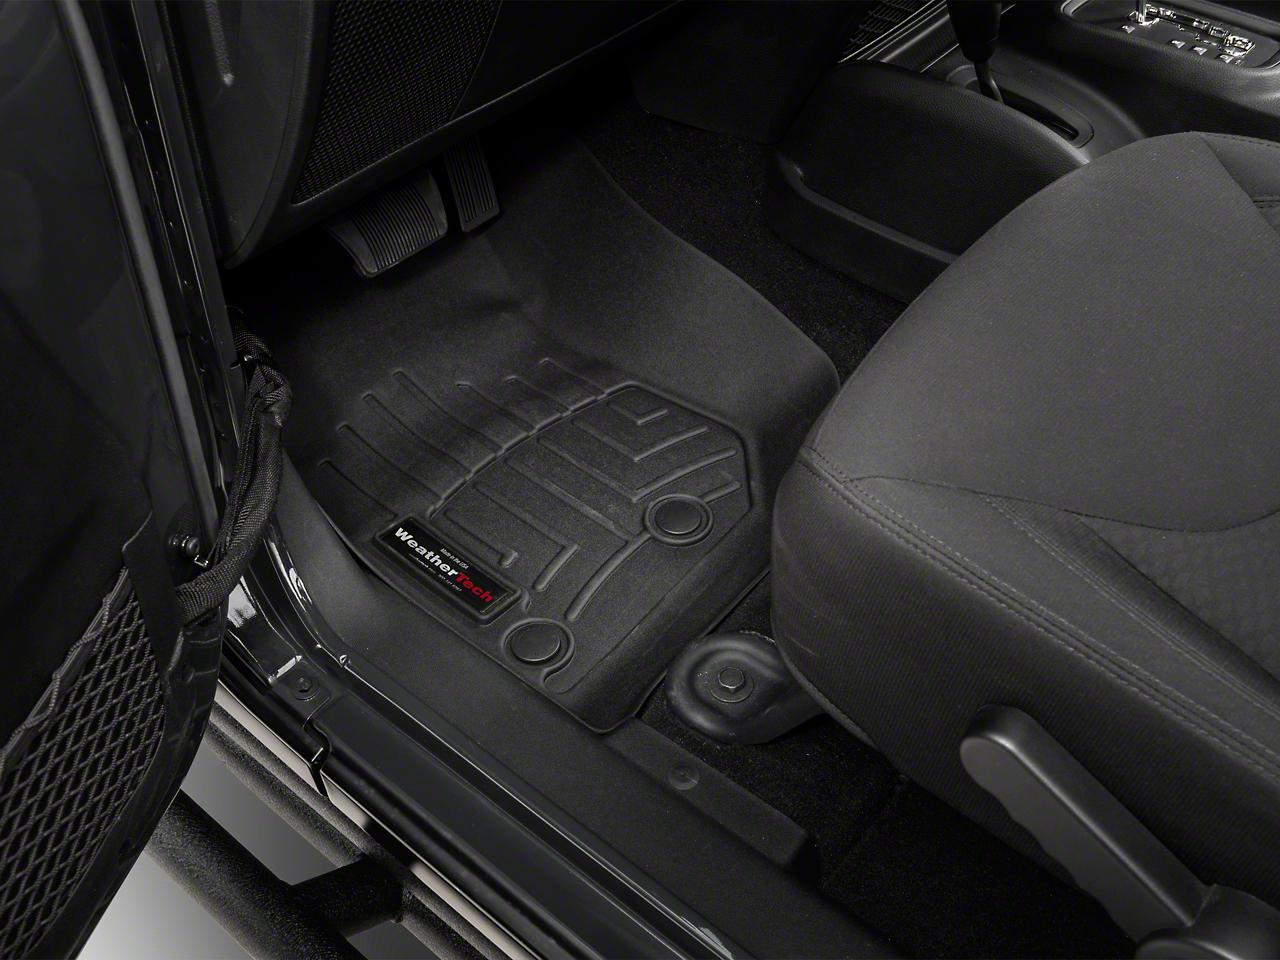 Weathertech DigitalFit Front and Rear Floorliners - Black (14-17 Wrangler JK 4 Door)